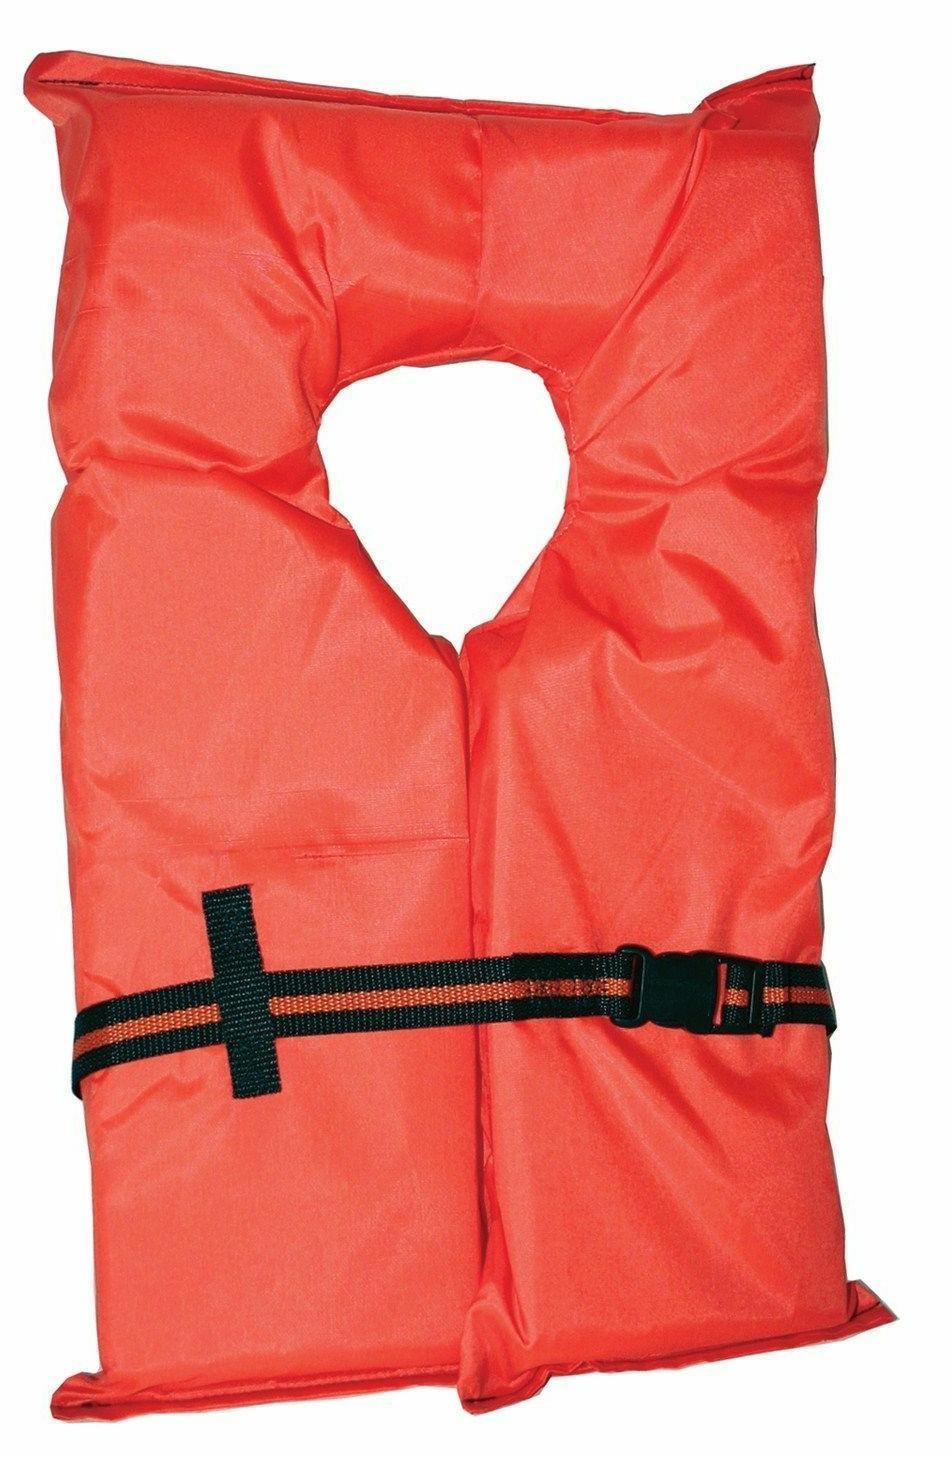 Life Jacket Vest 4 Orange USCG